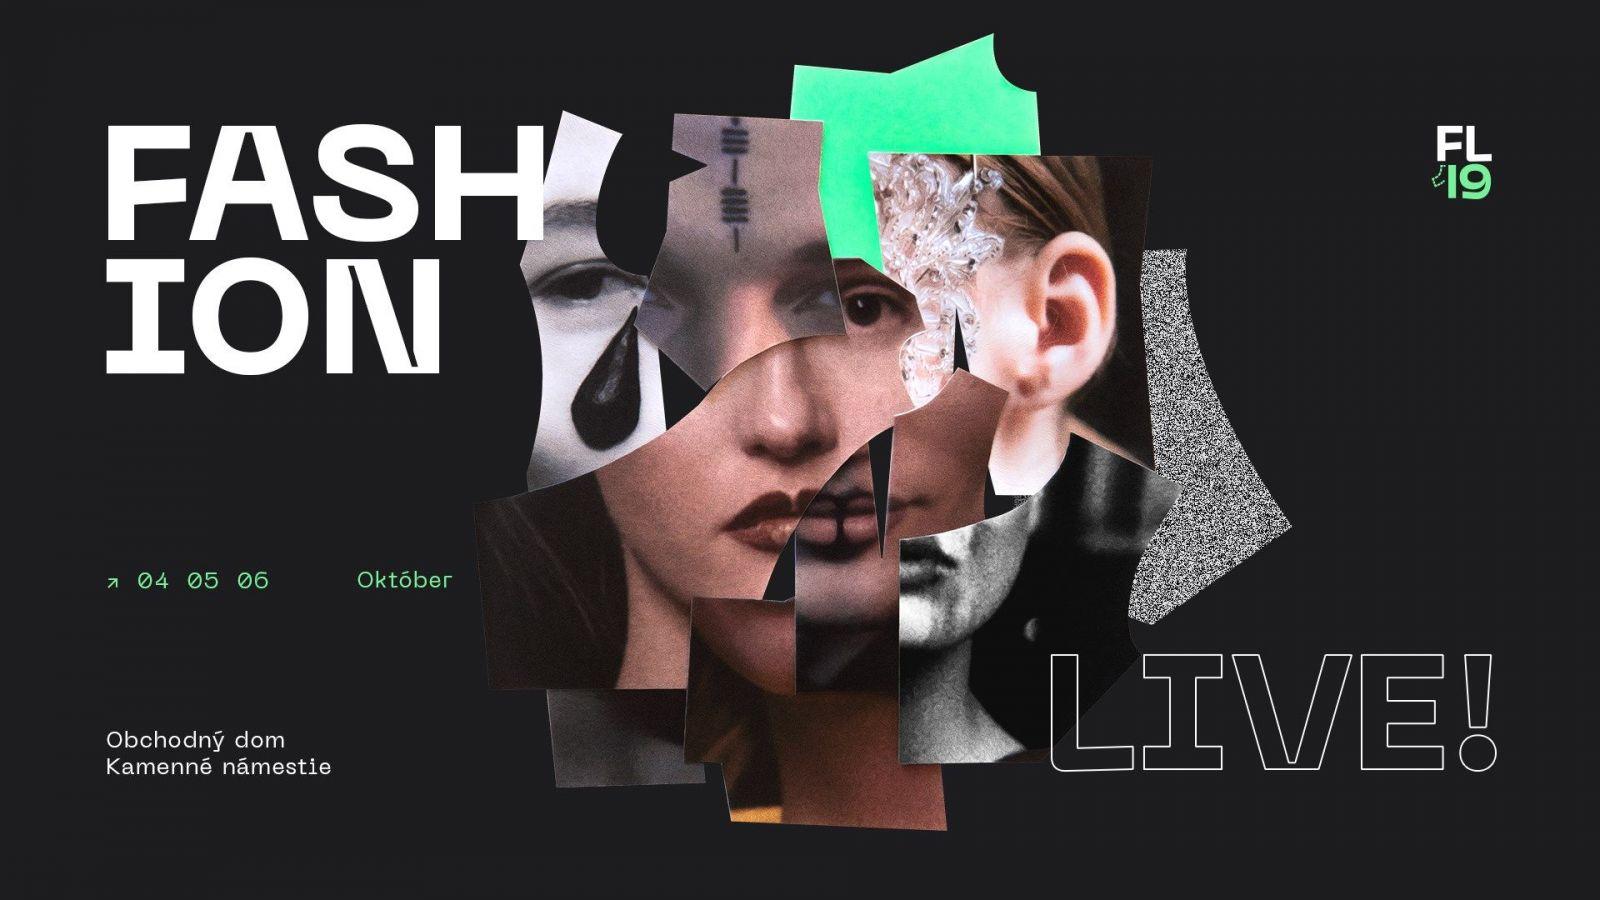 Bratislavské podujatie FashionLIVE! čakajú veľké zmeny